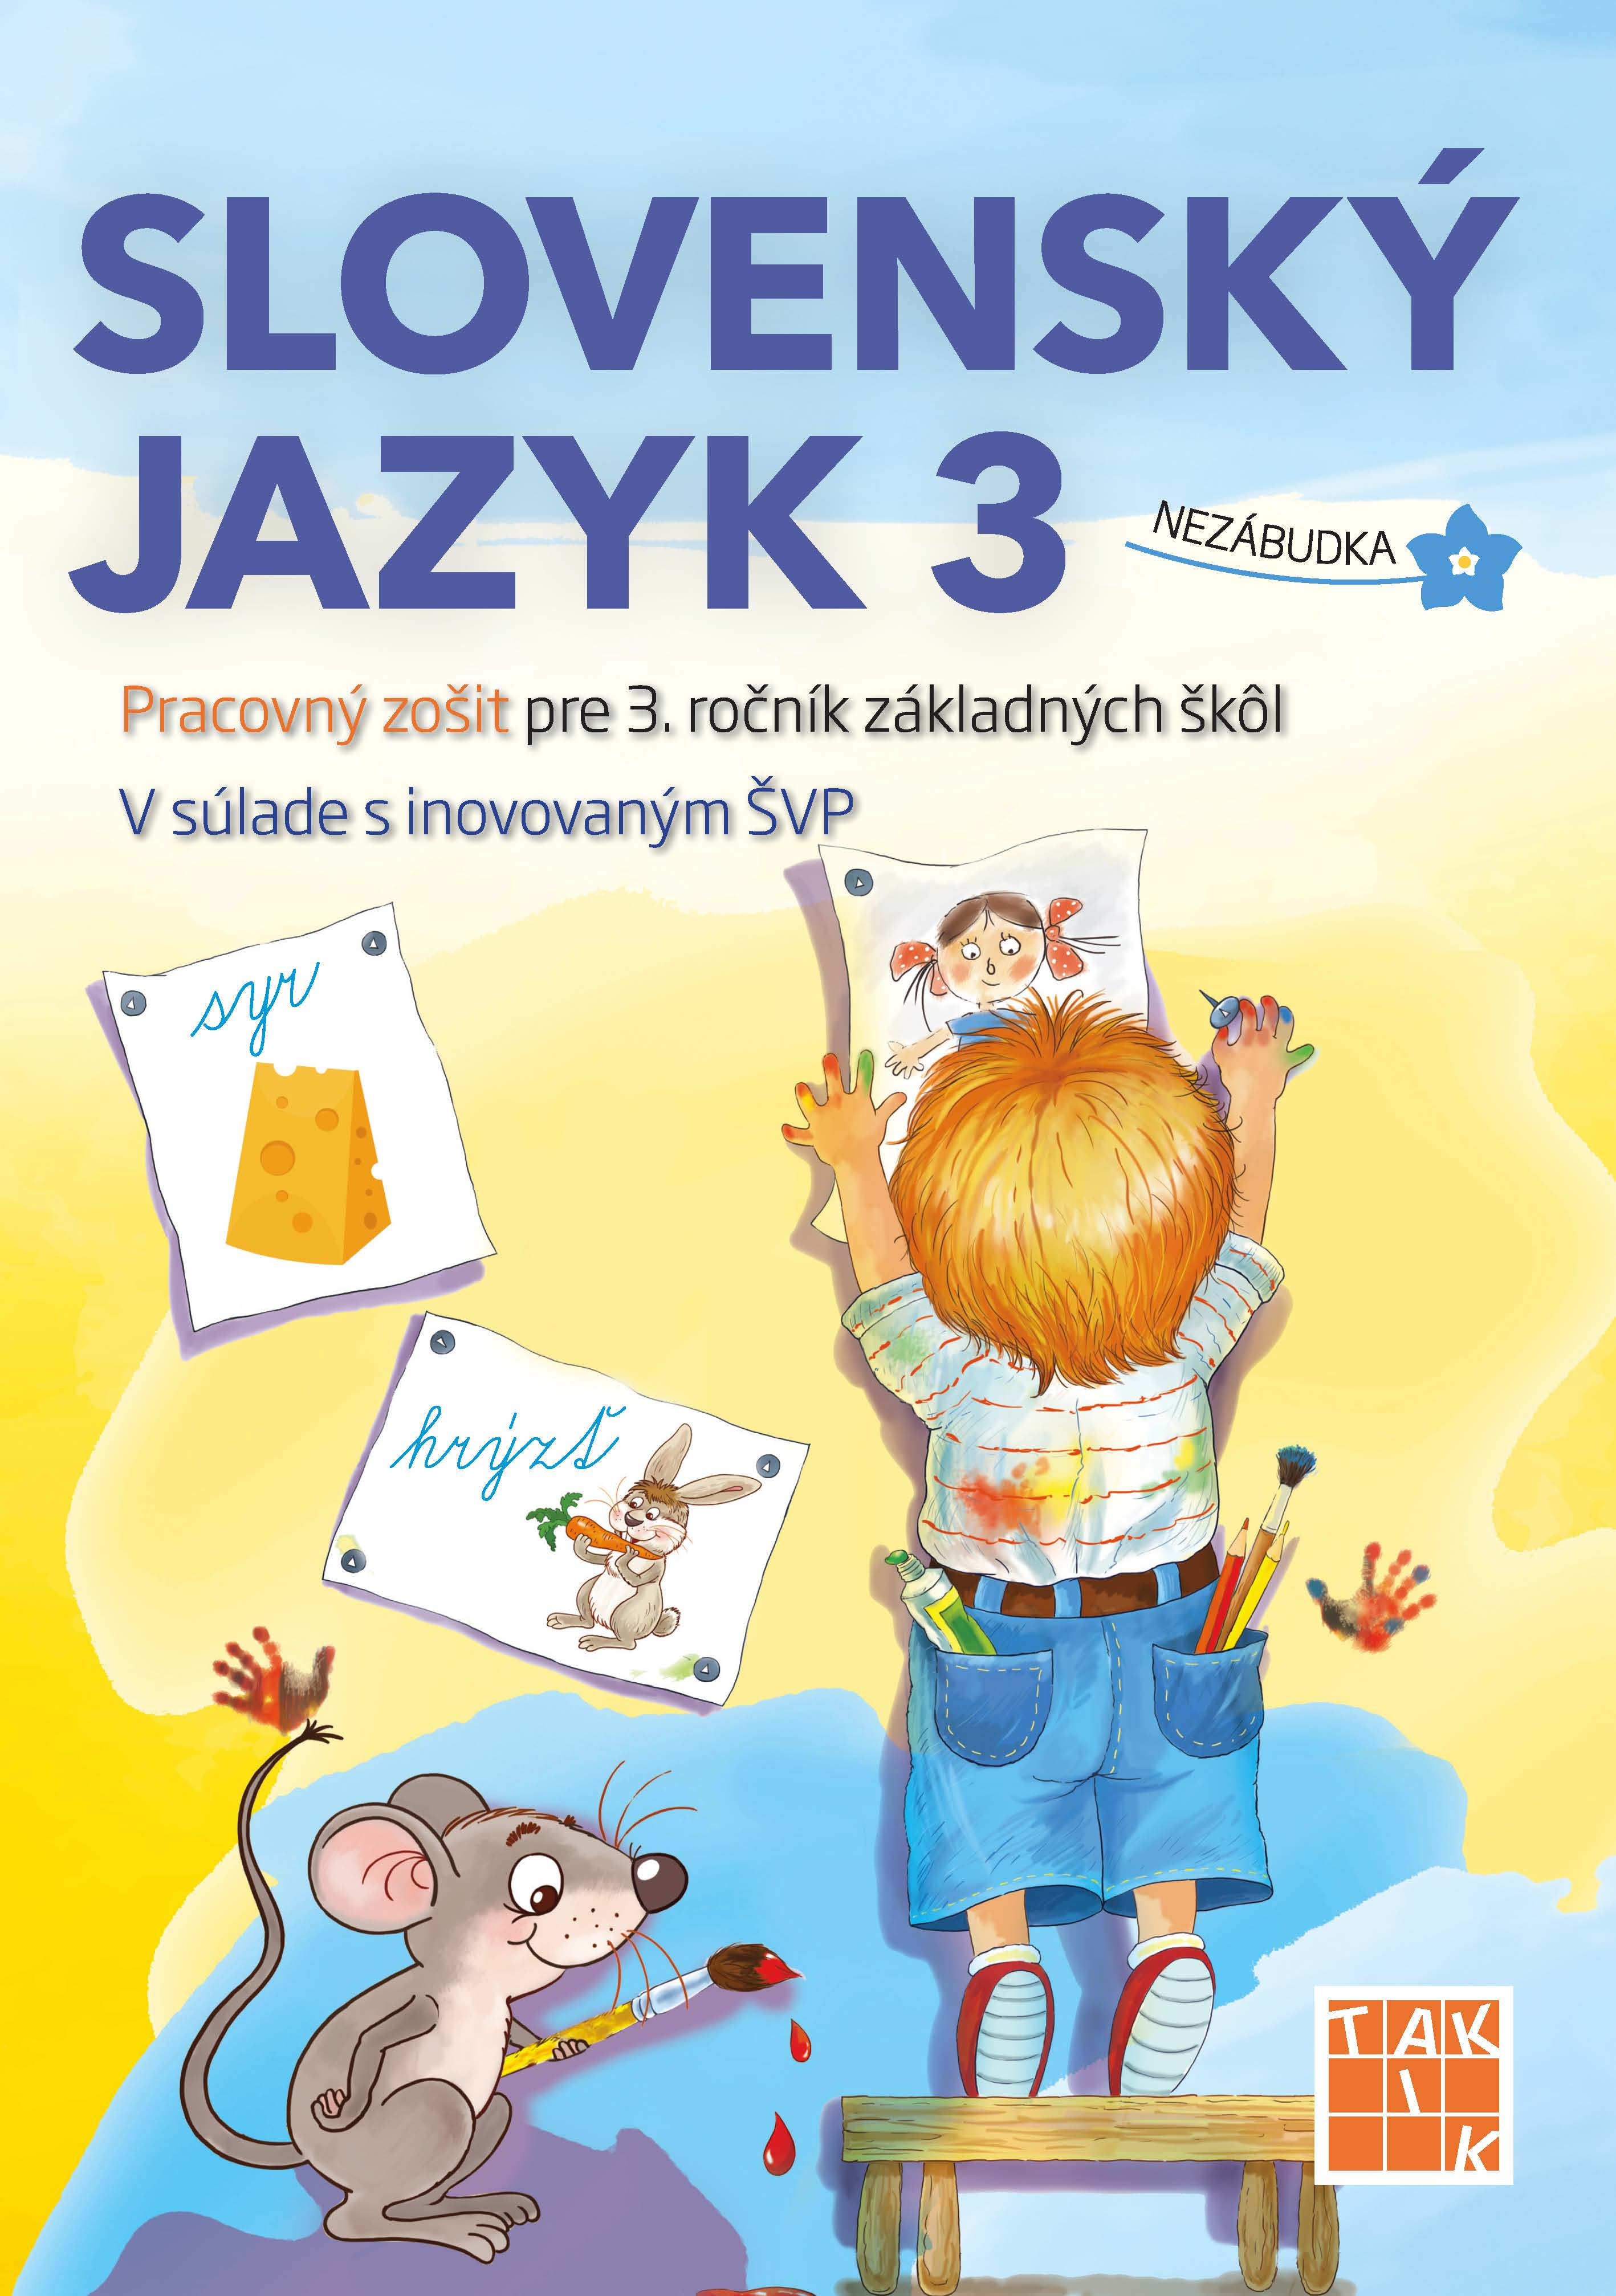 cbe5e1aae Slovenský jazyk 3 - učebnica | Taktik.sk